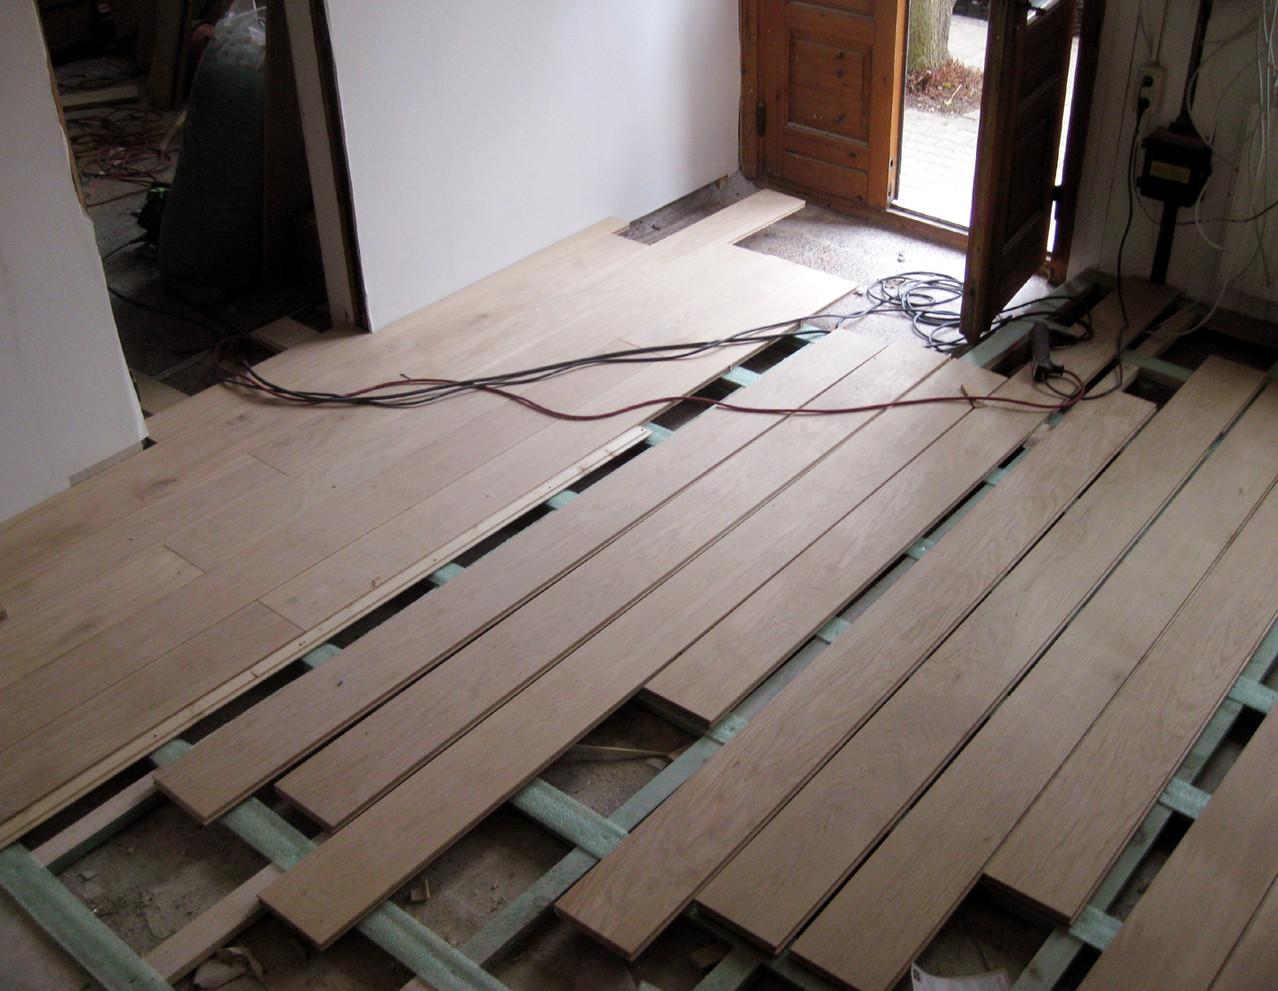 holzdielen parkett und laminat vom profi verlegt handwerker renovierung holzboden montage. Black Bedroom Furniture Sets. Home Design Ideas